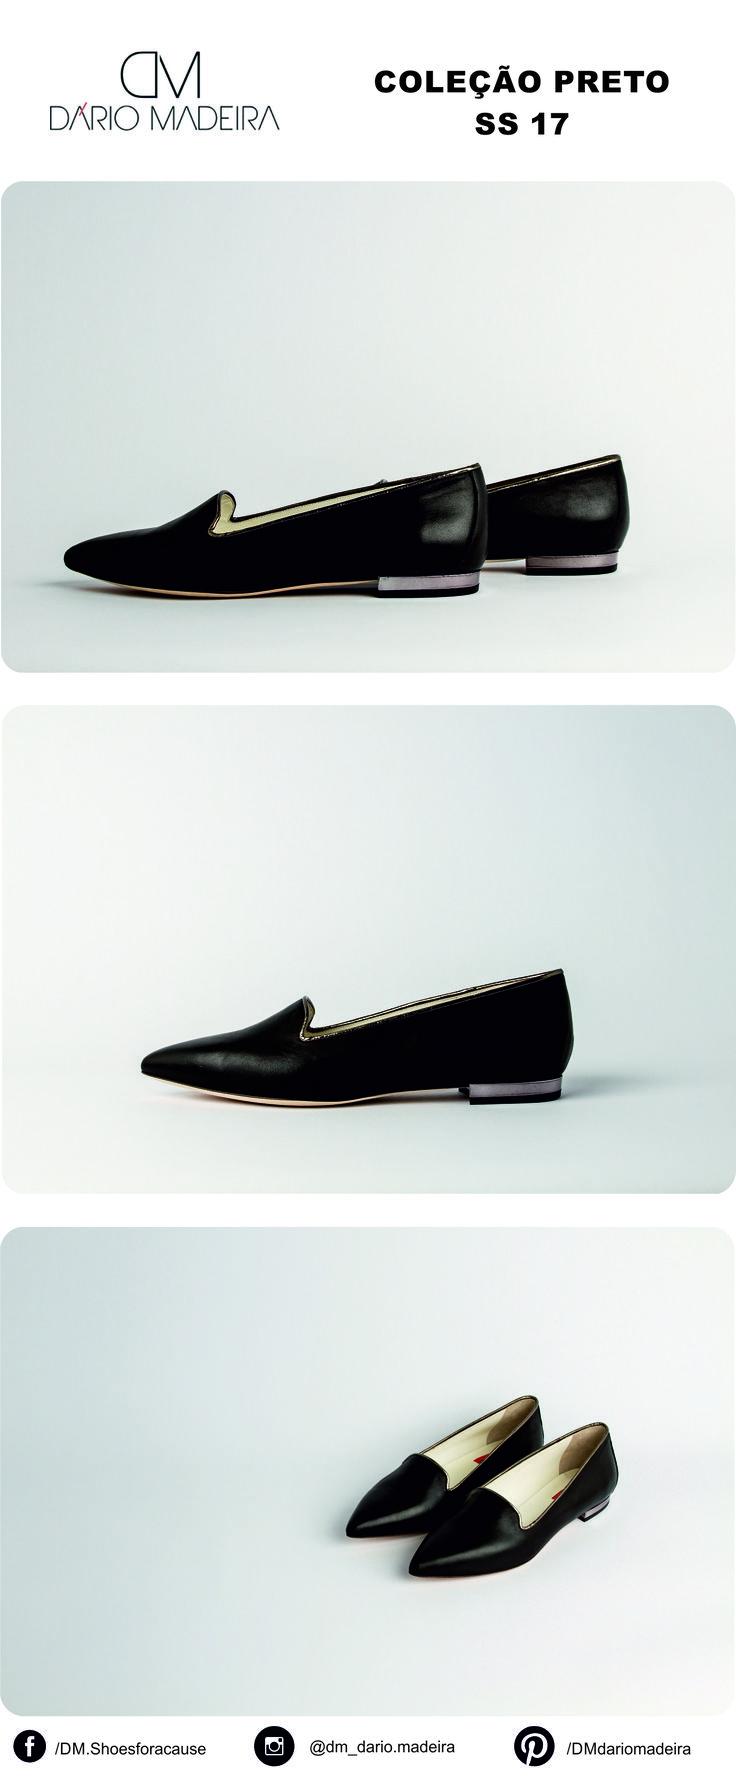 Sapato Raso - Linha Preto | SS17 | DM - Dário Madeira  Sapato de Senhora | Shoes for a cause | Calçado Português | Portuguese Shoes | Made In Portugal